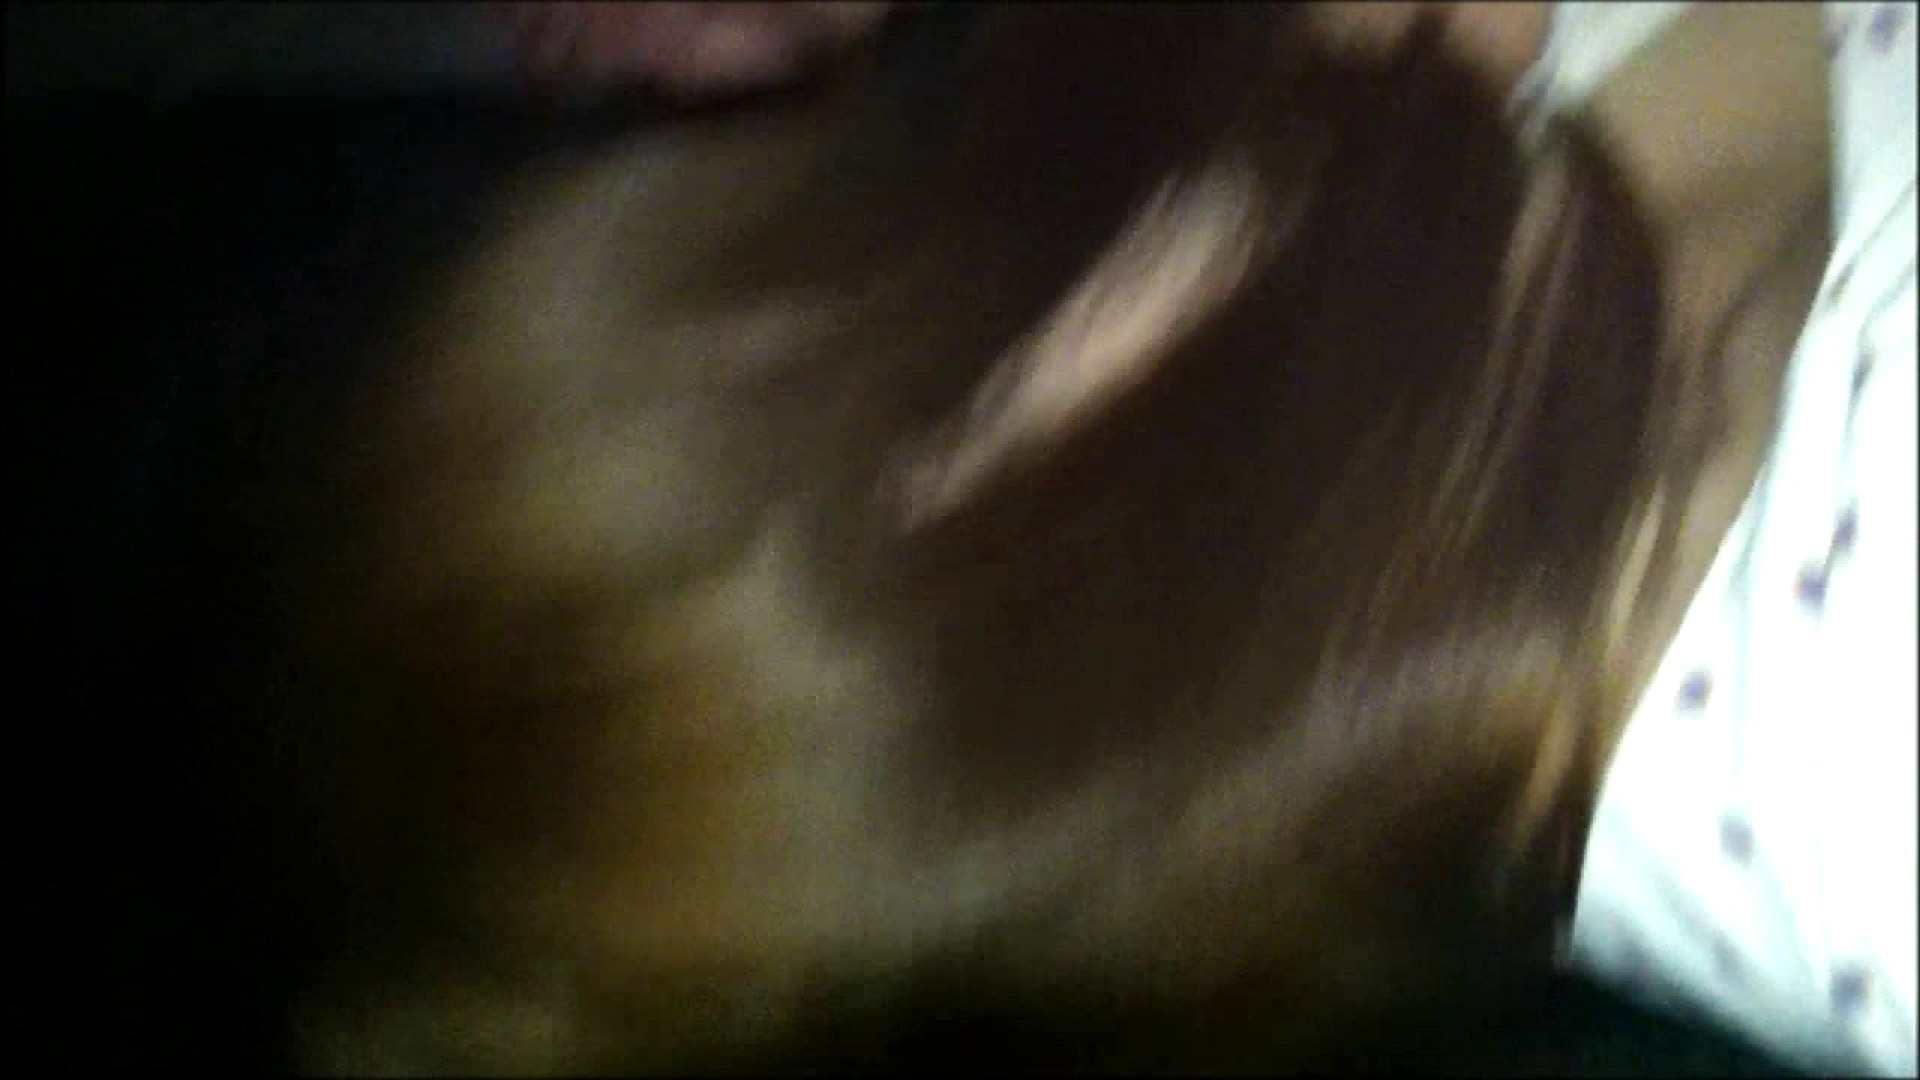 魔術師の お・も・て・な・し vol.03 やわらかおっぱいさん おっぱい すけべAV動画紹介 78pic 8